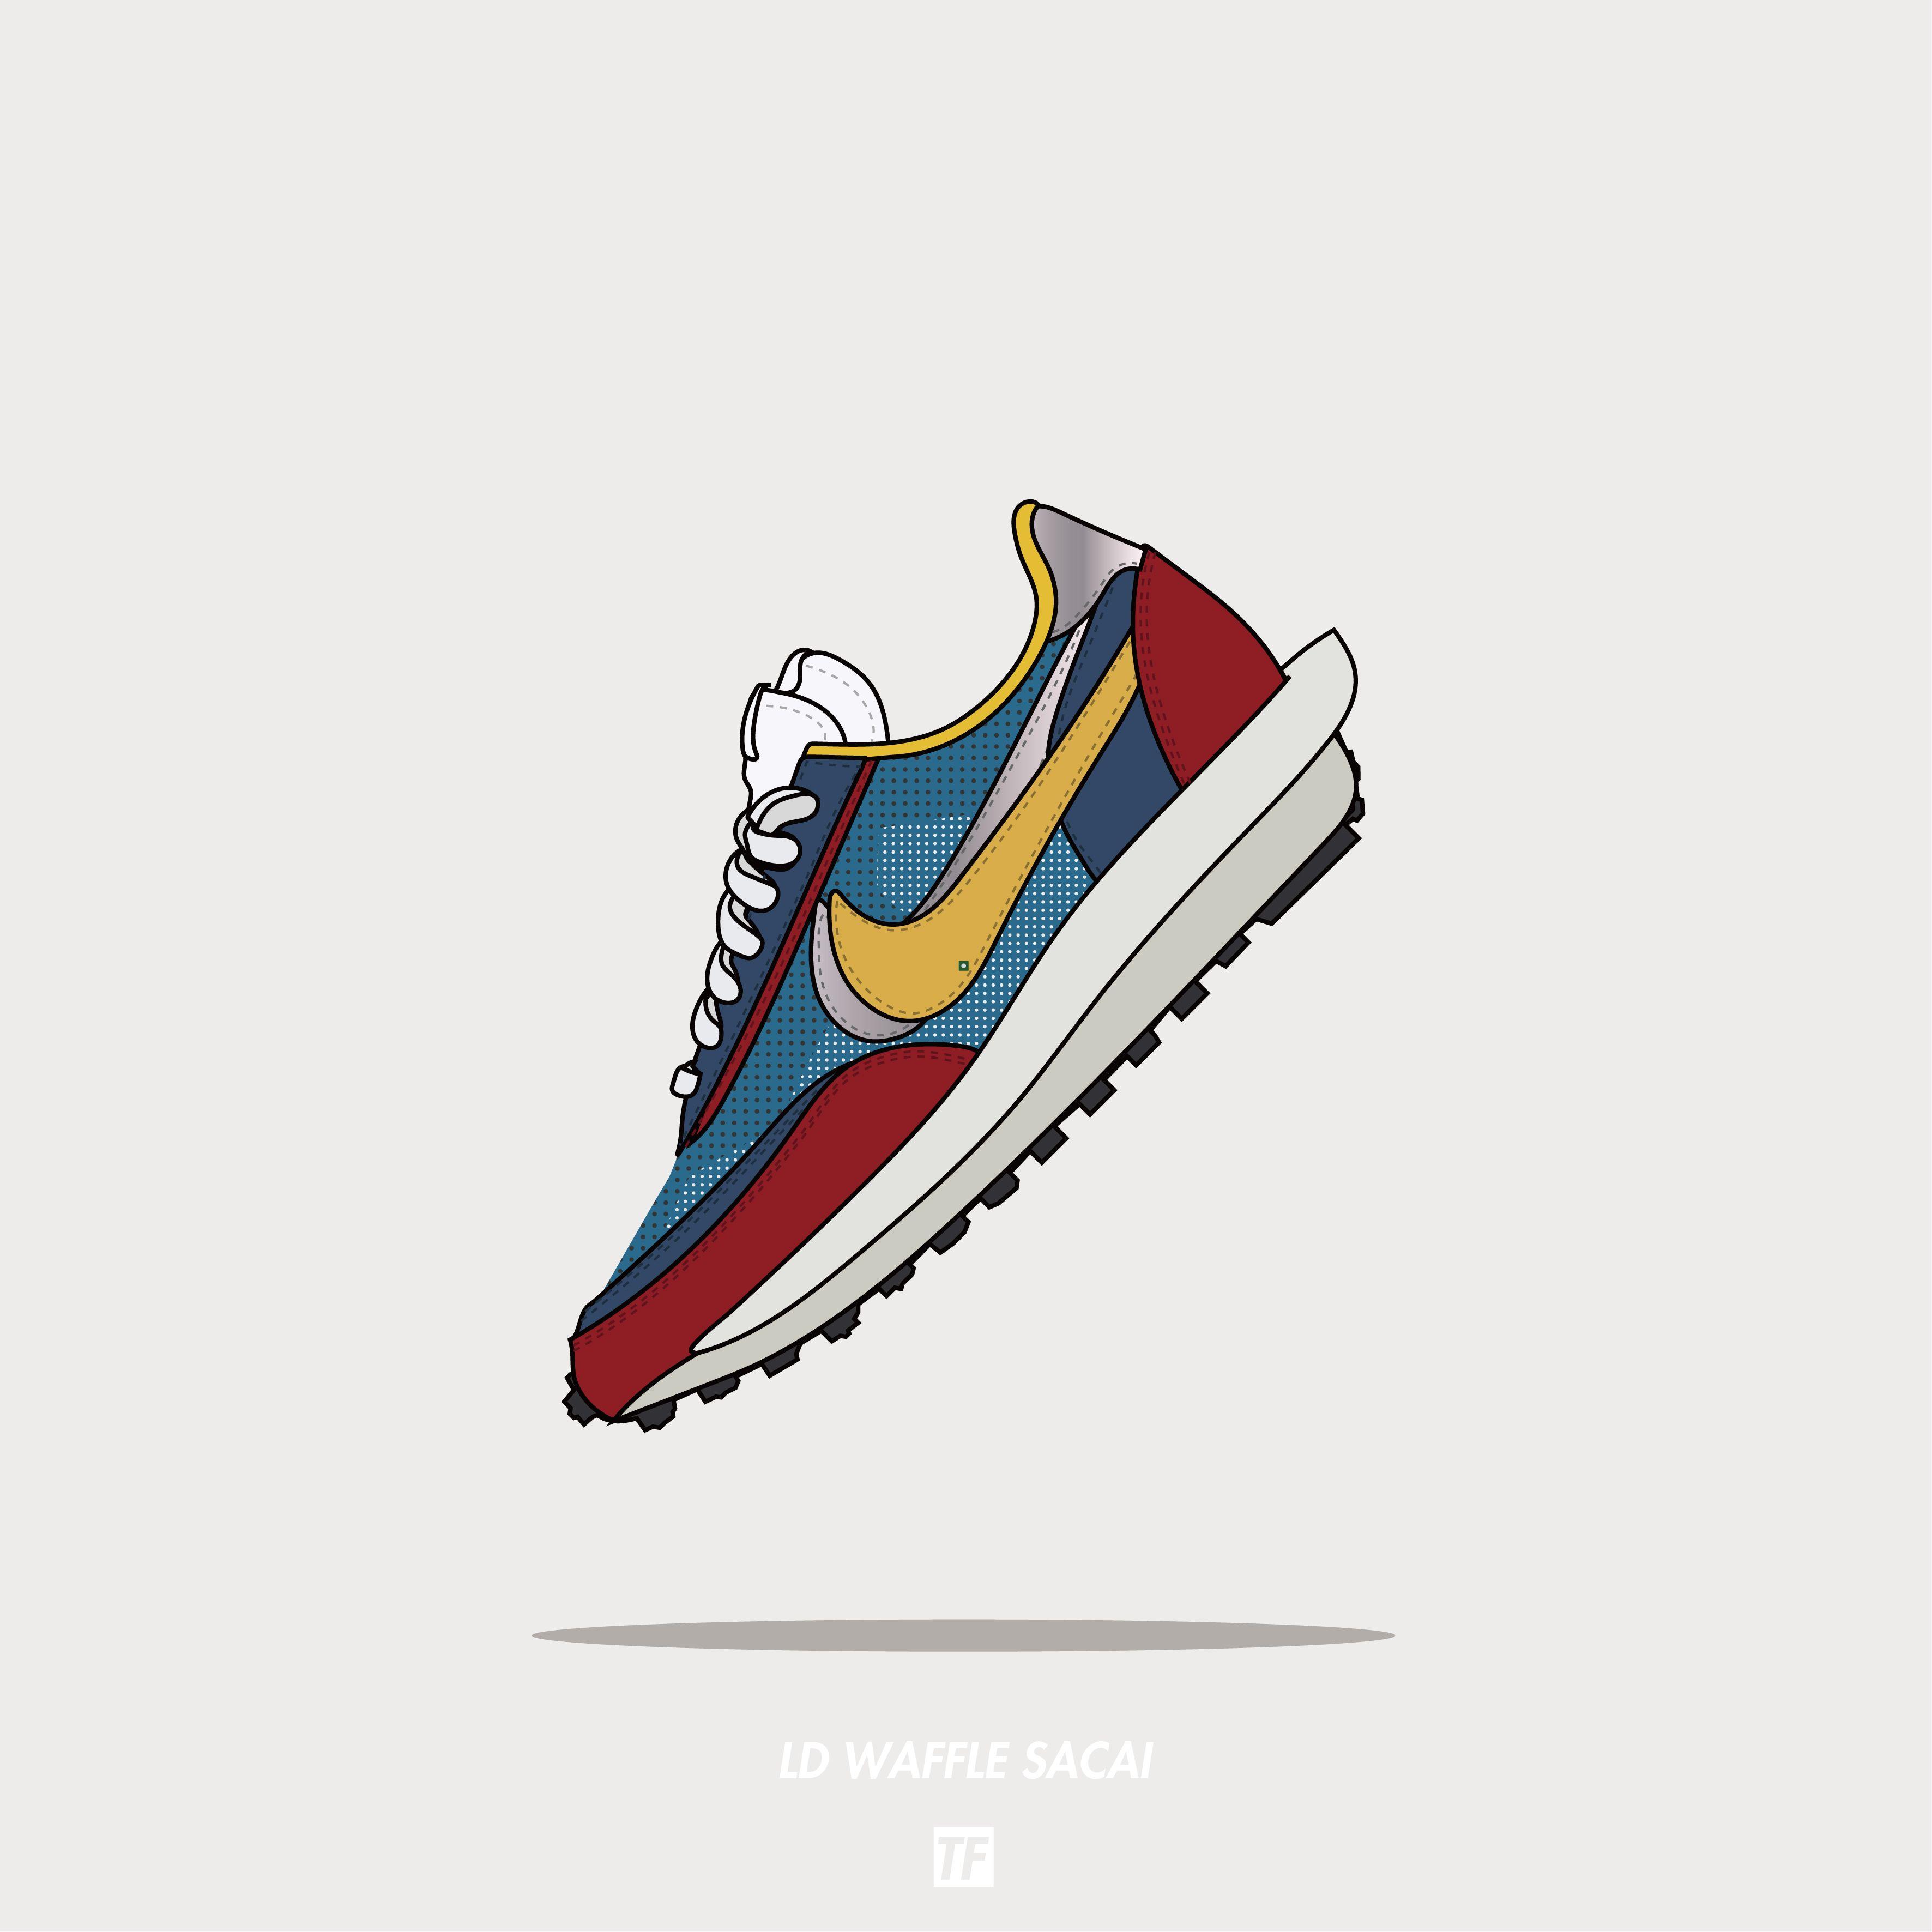 ボード Sneaker Illust のピン